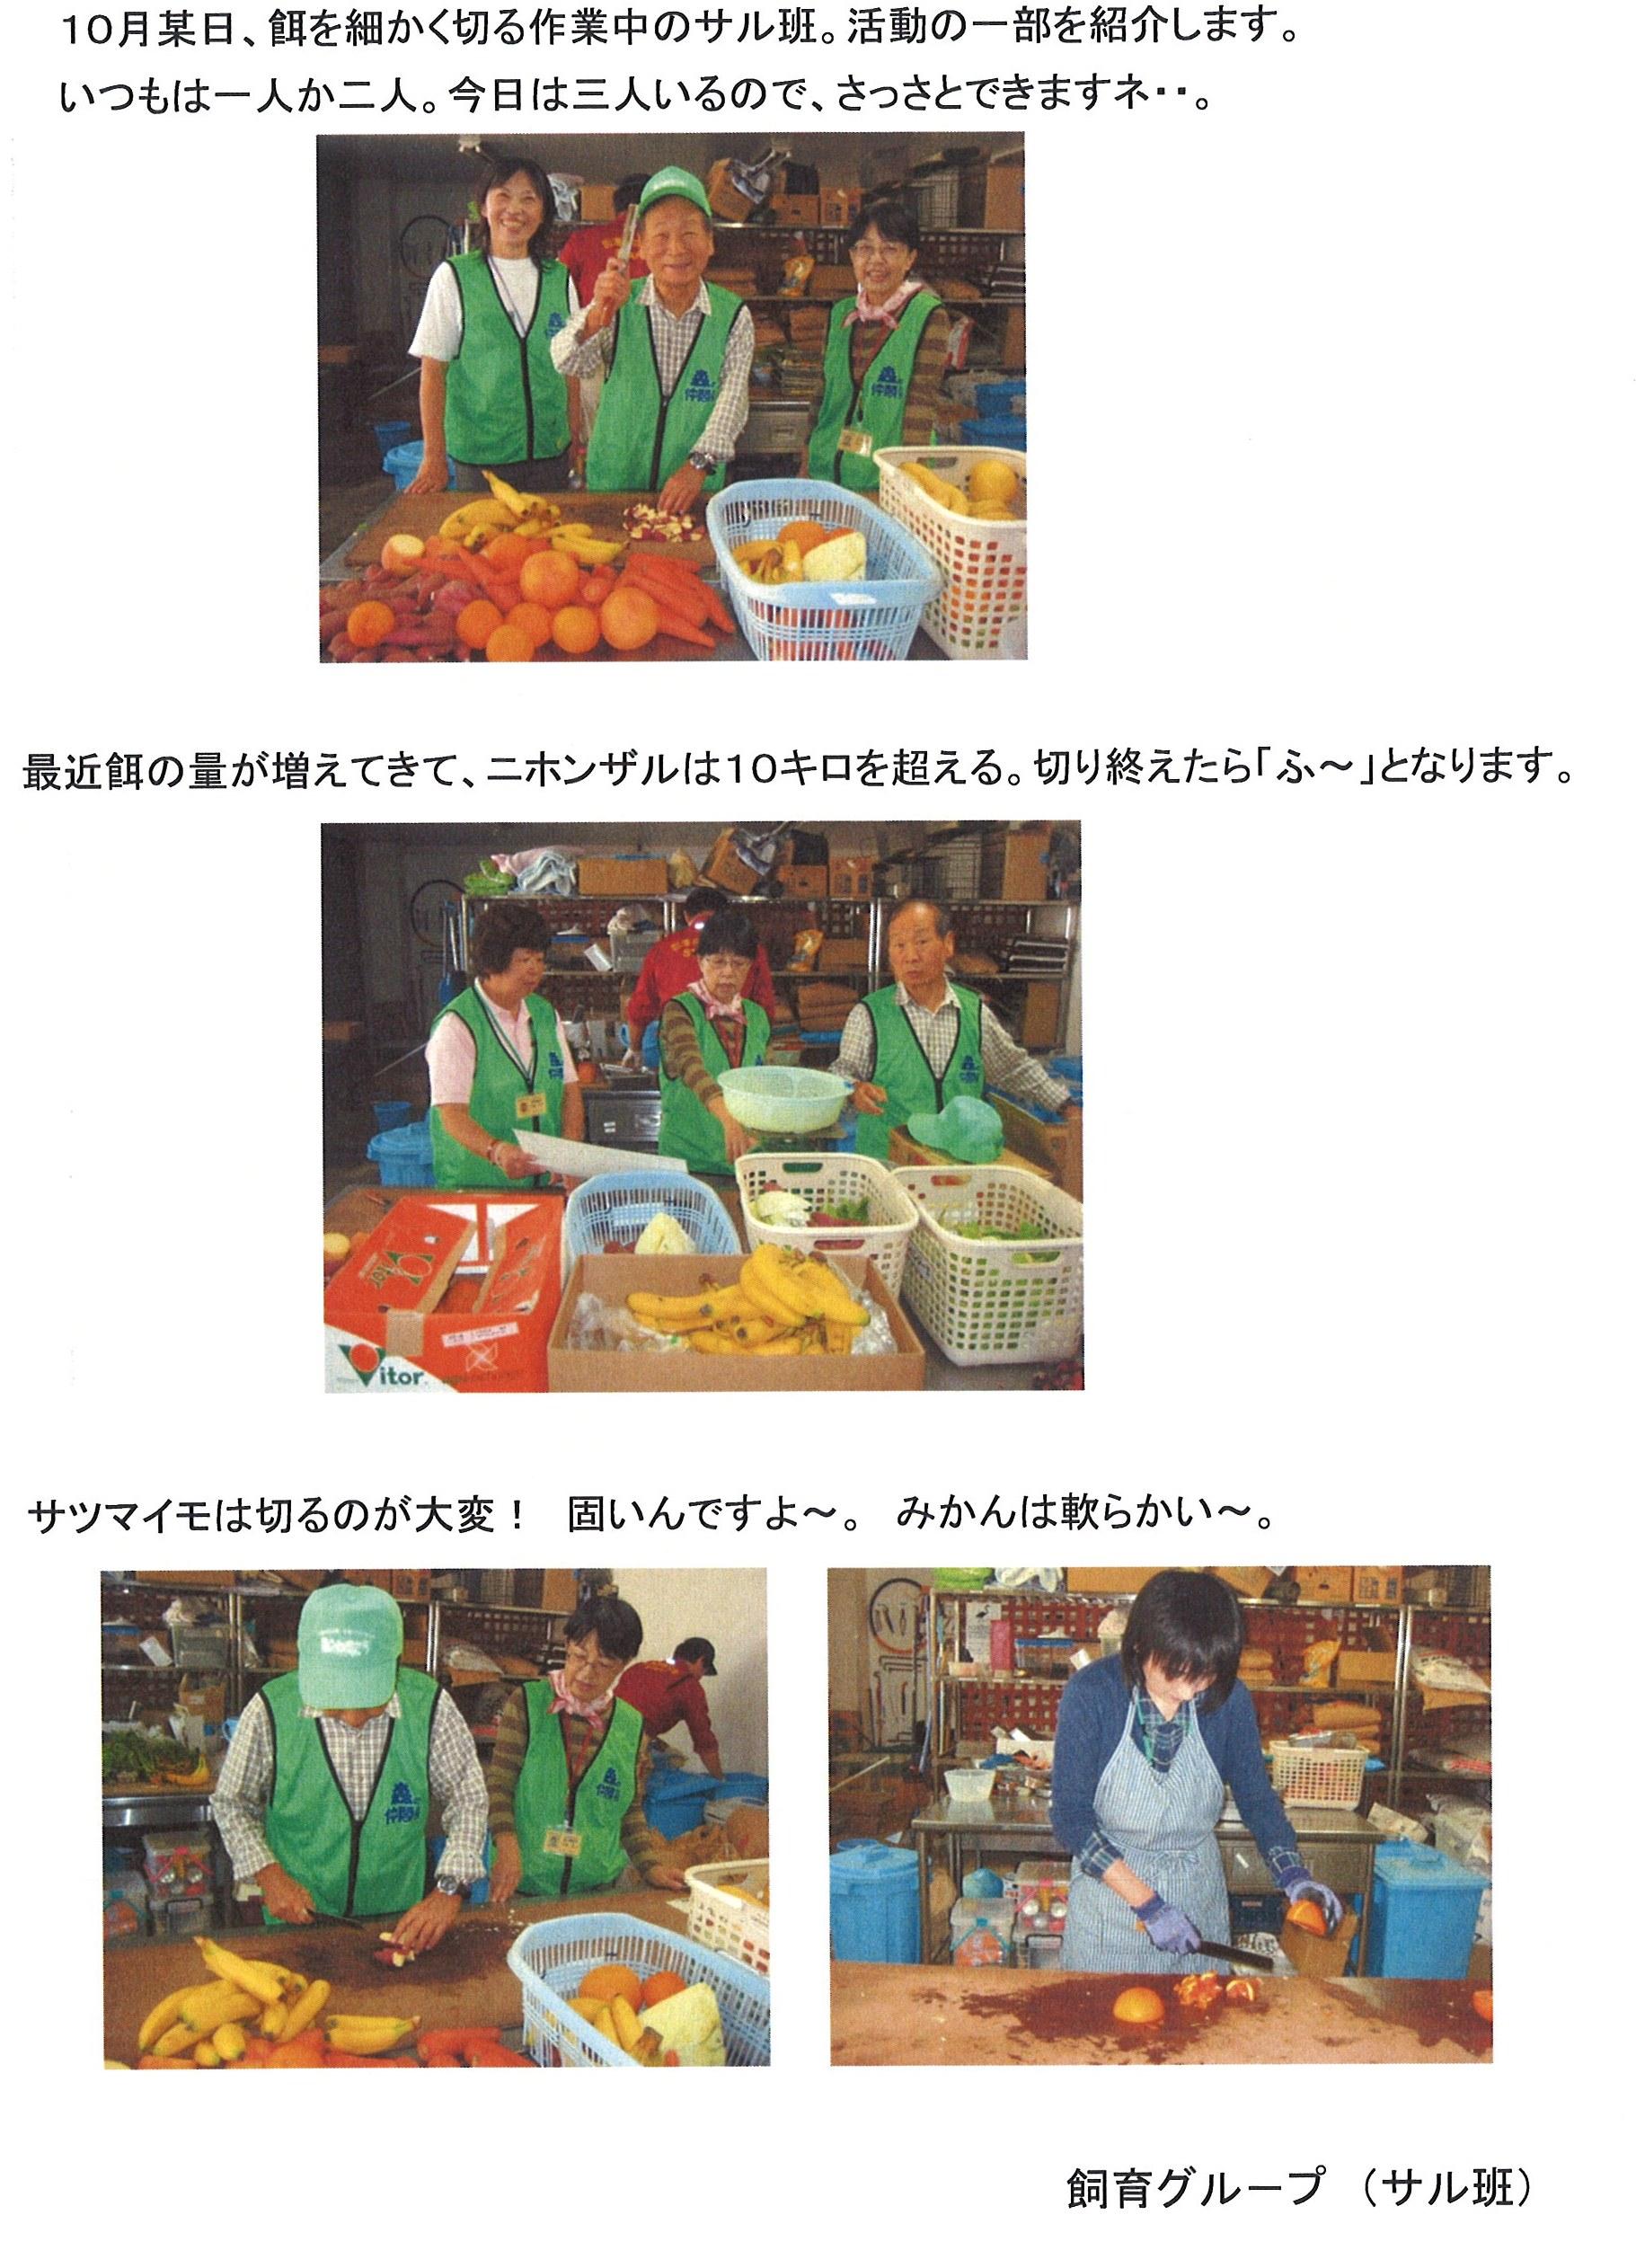 20131025_森の仲間たち.jpg